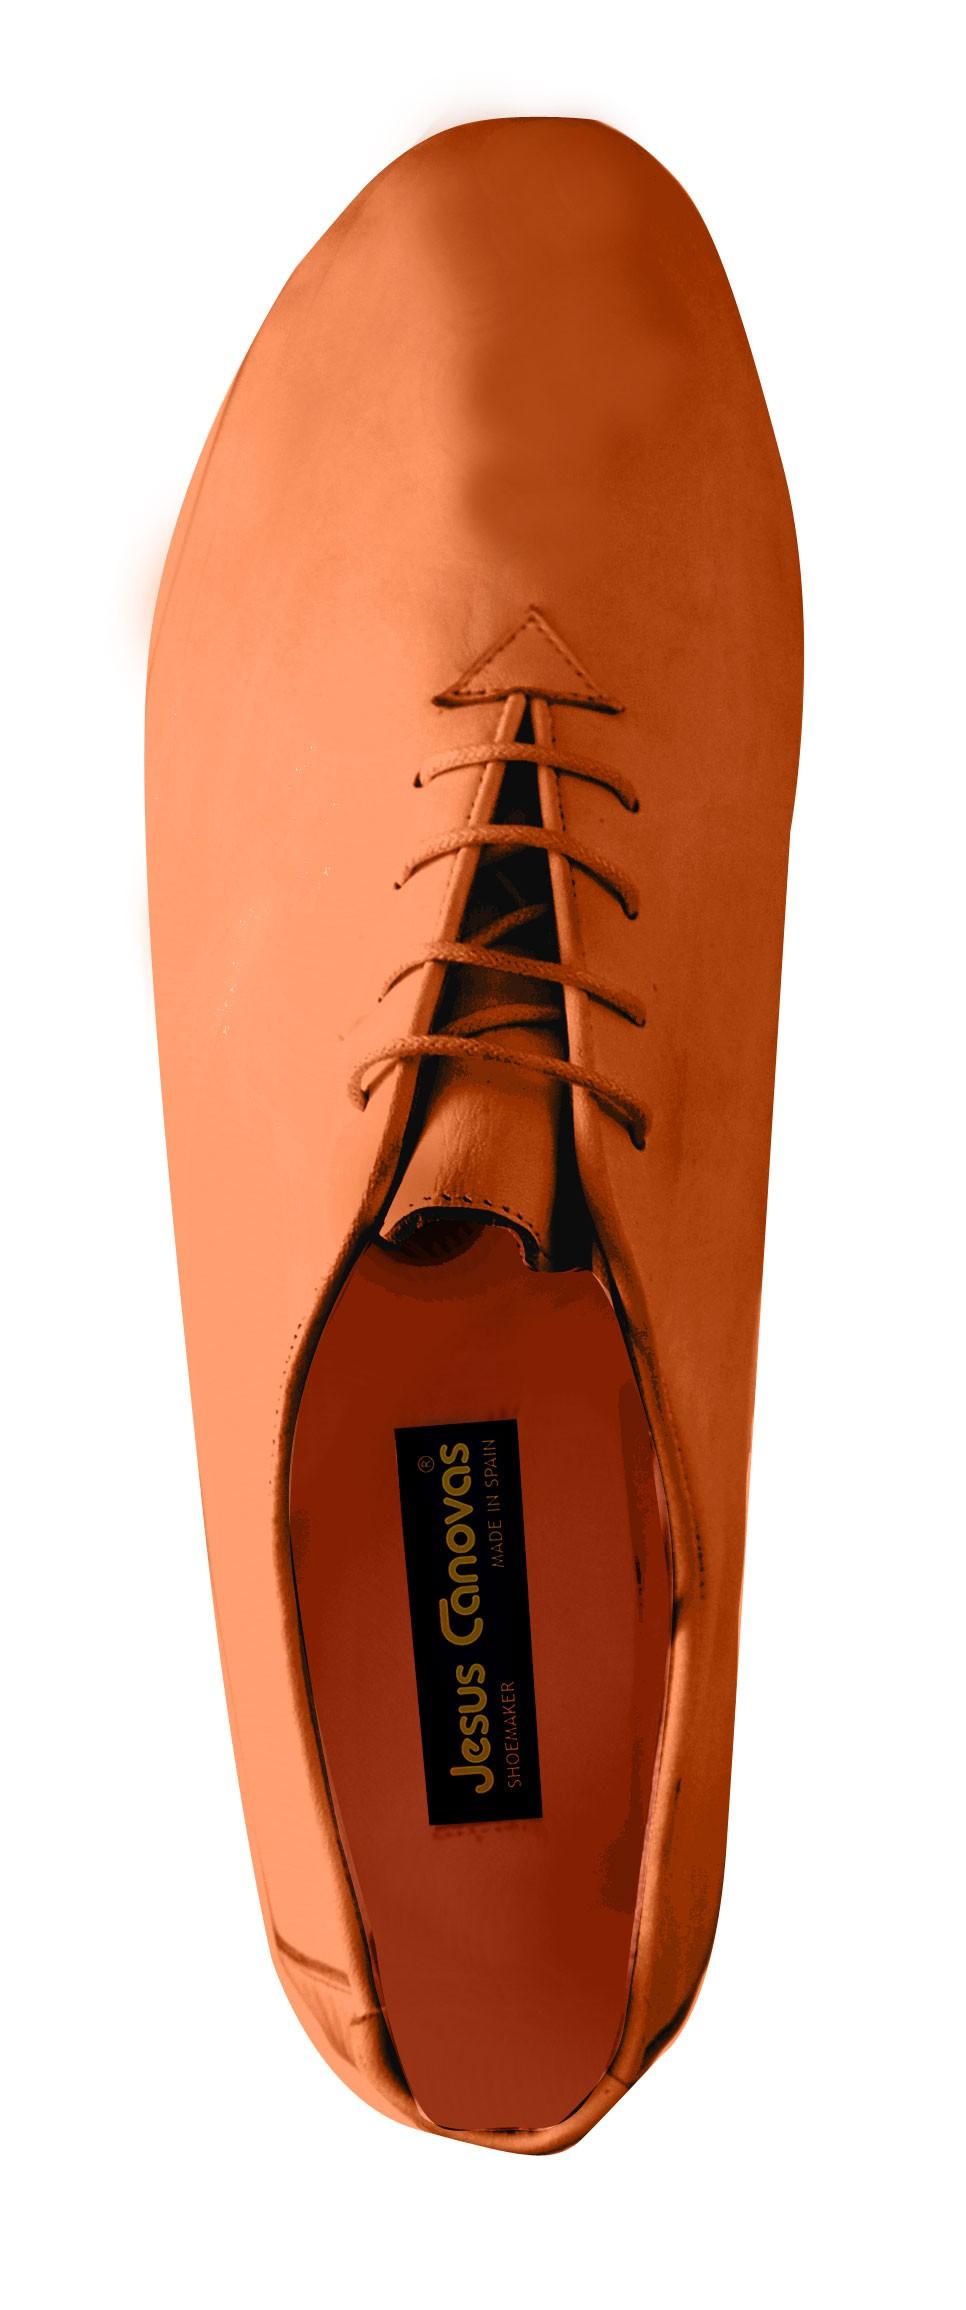 Foto 3 de Zapatos Julio Iglesias Cordon 529 JC Cuero Napa